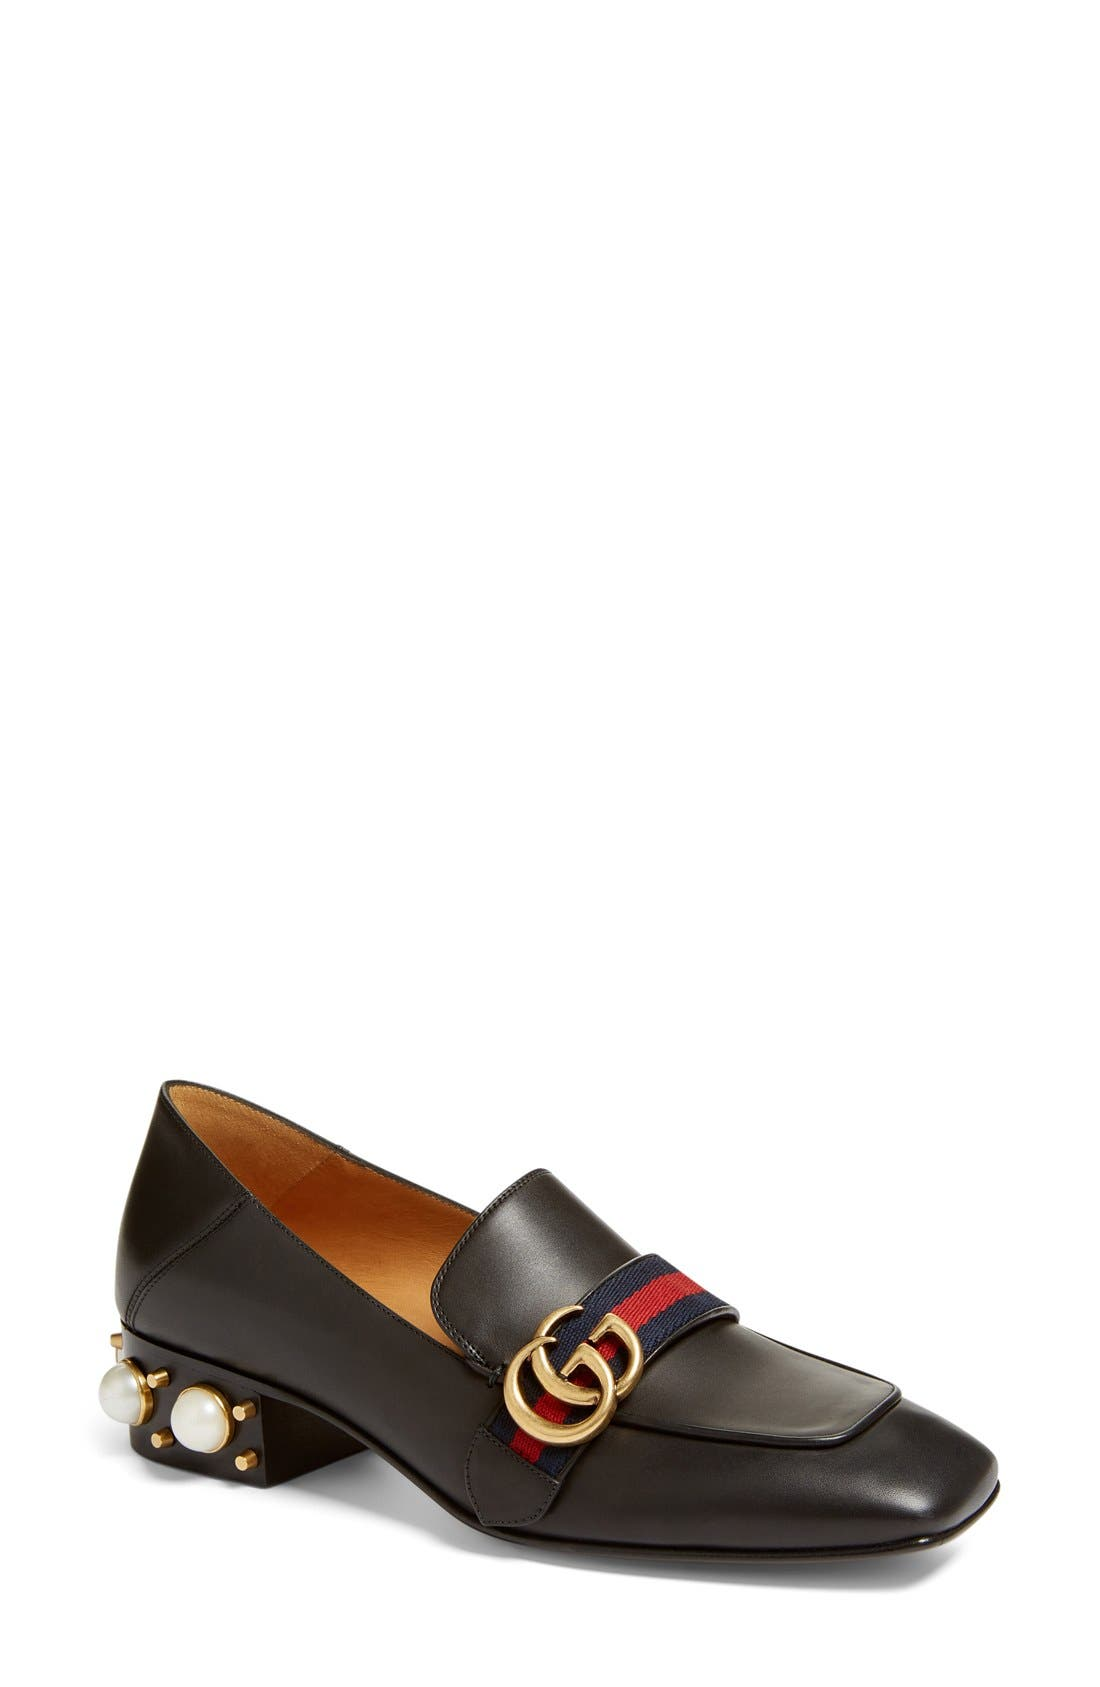 Main Image - Gucci Peyton Embellished Heel Loafer (Women)